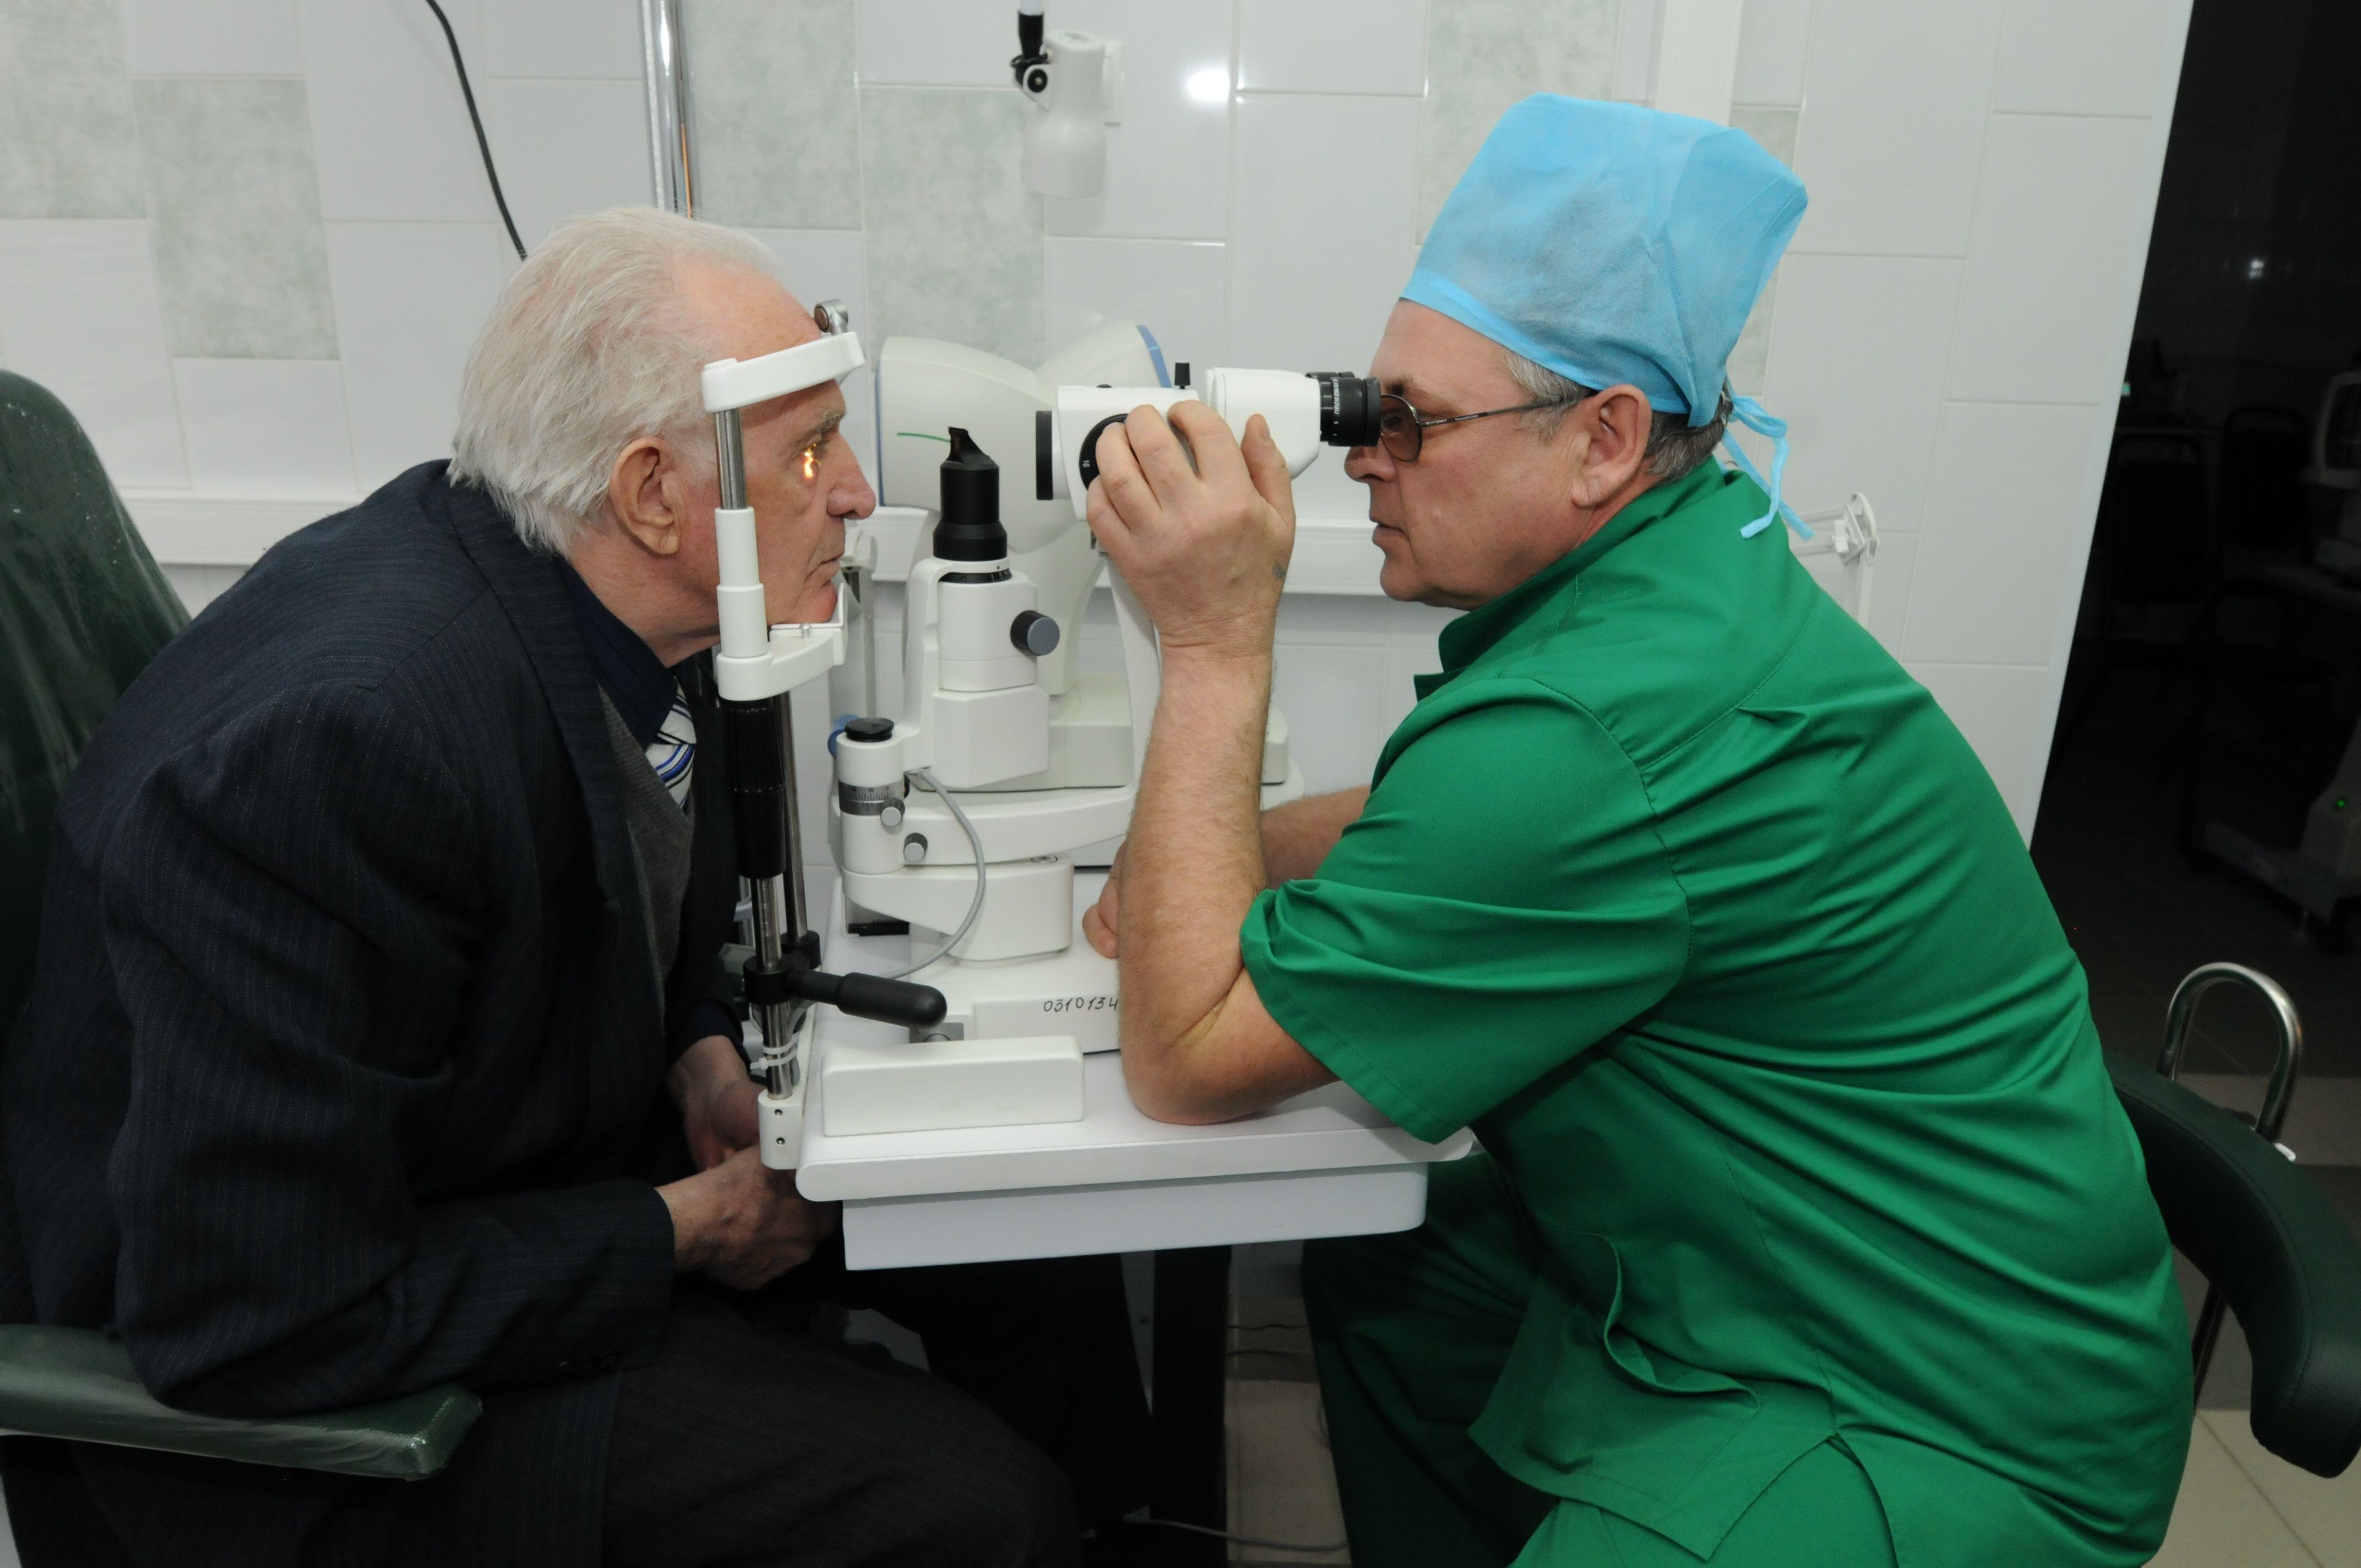 Пациентам старше 39 лет важно проходить обследование на выявление глаукомы. Фото: Петр Болховитинов